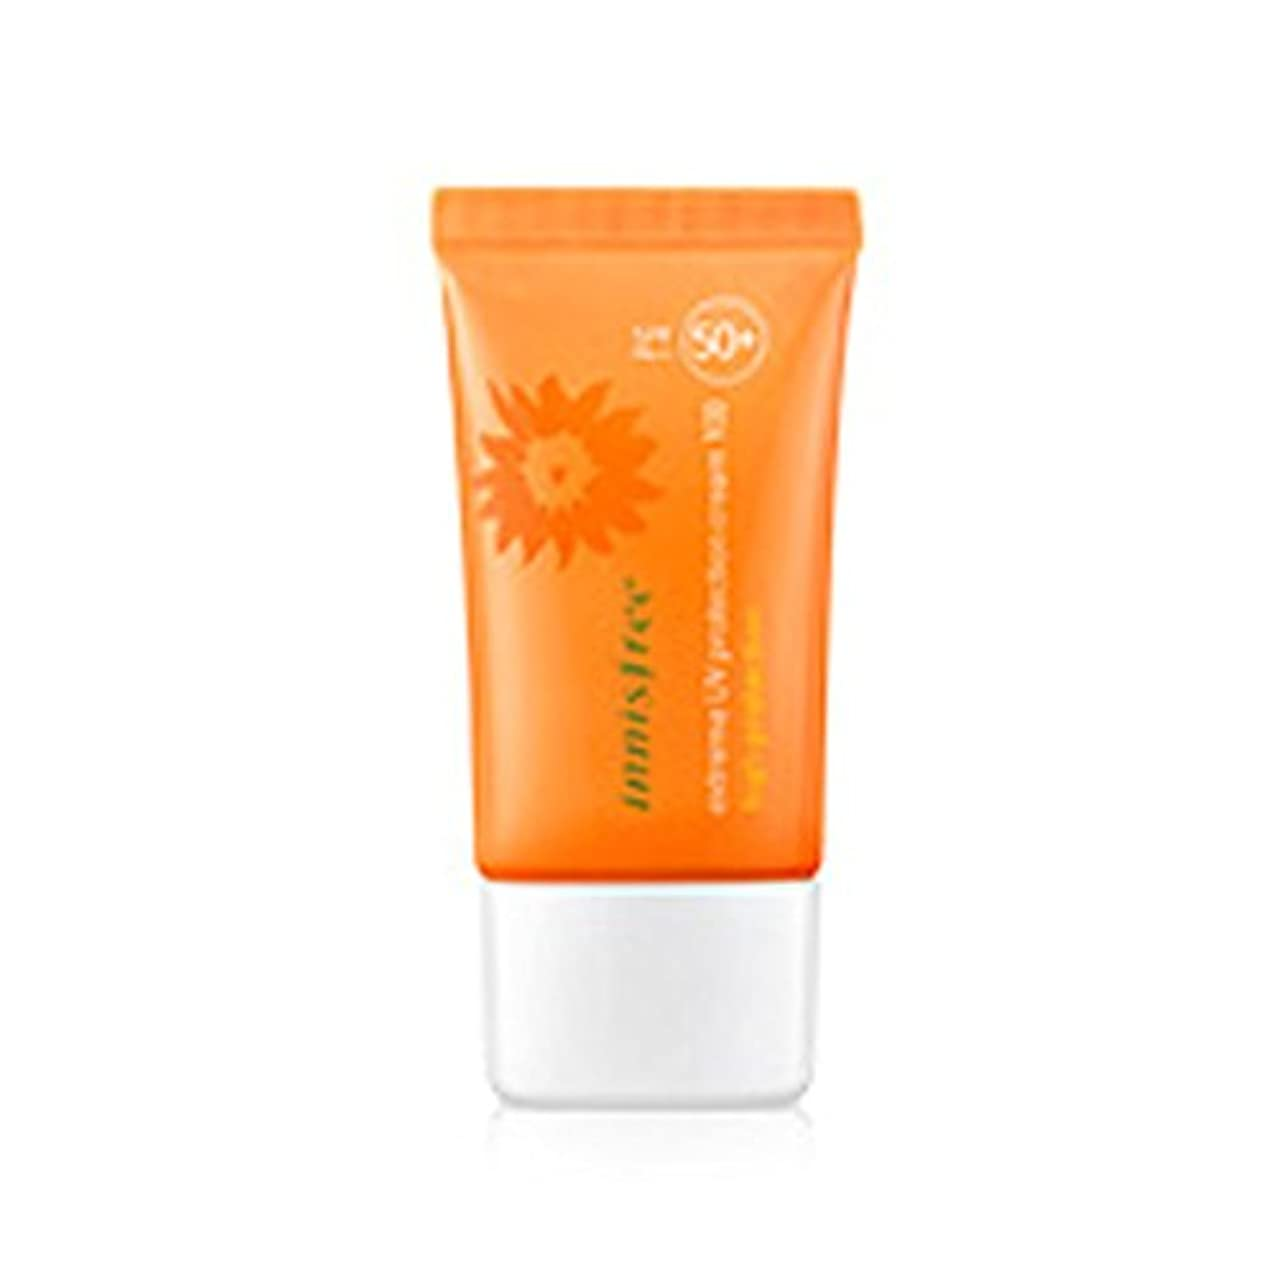 不健全プレーヤーまろやかなイニスフリーエクストリームUVプロテクションクリーム100ハイプロテクション50ml   SPF50 + PA +++ Innisfree Extreme UV Protection Cream100 High Protection...